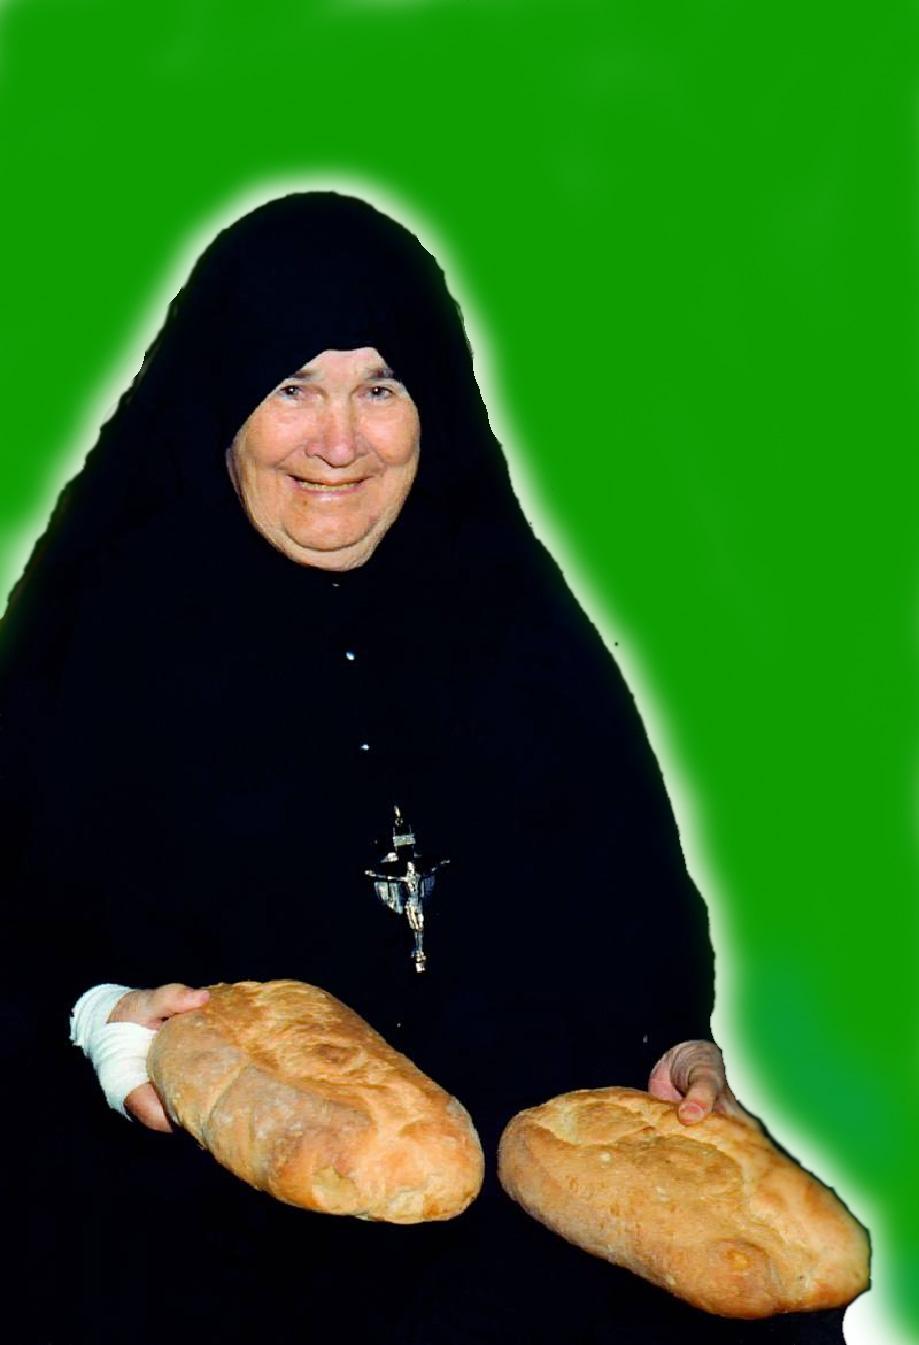 Pão e sorriso de Deus